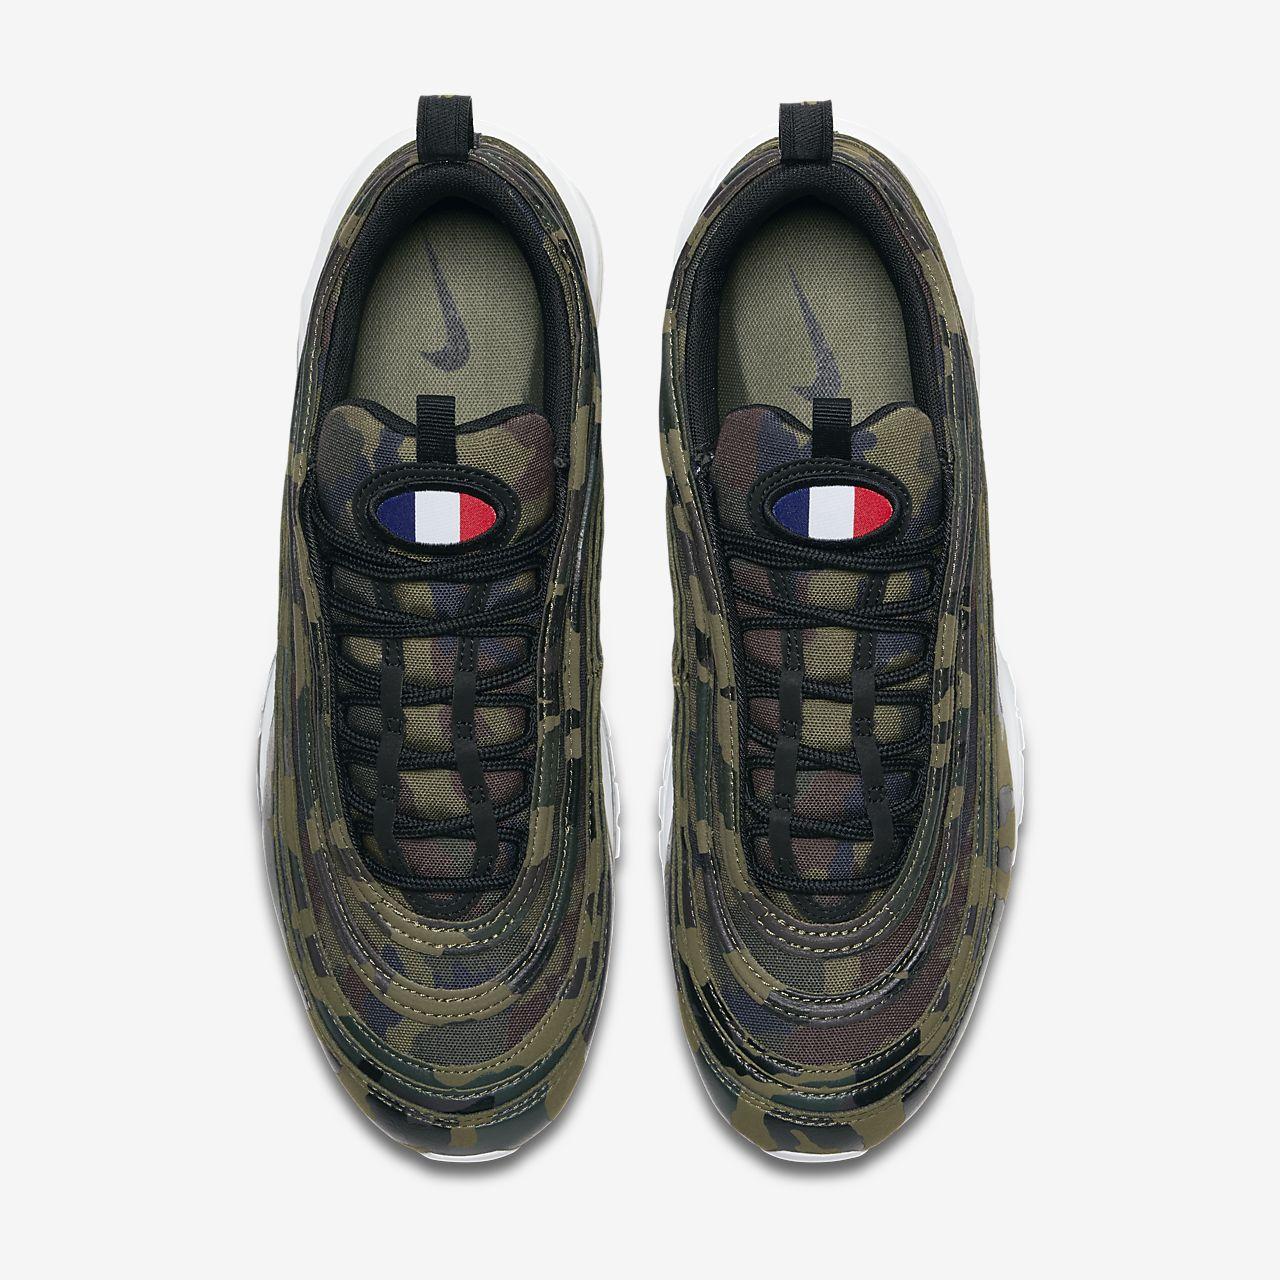 Nike Air Max 97 Premium QS Herrenschuh